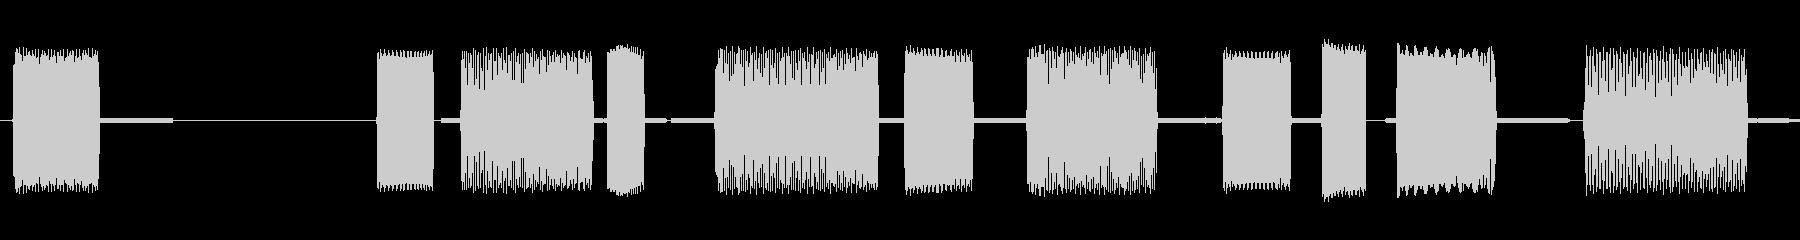 揺れるダイヤルのビープ音2の未再生の波形